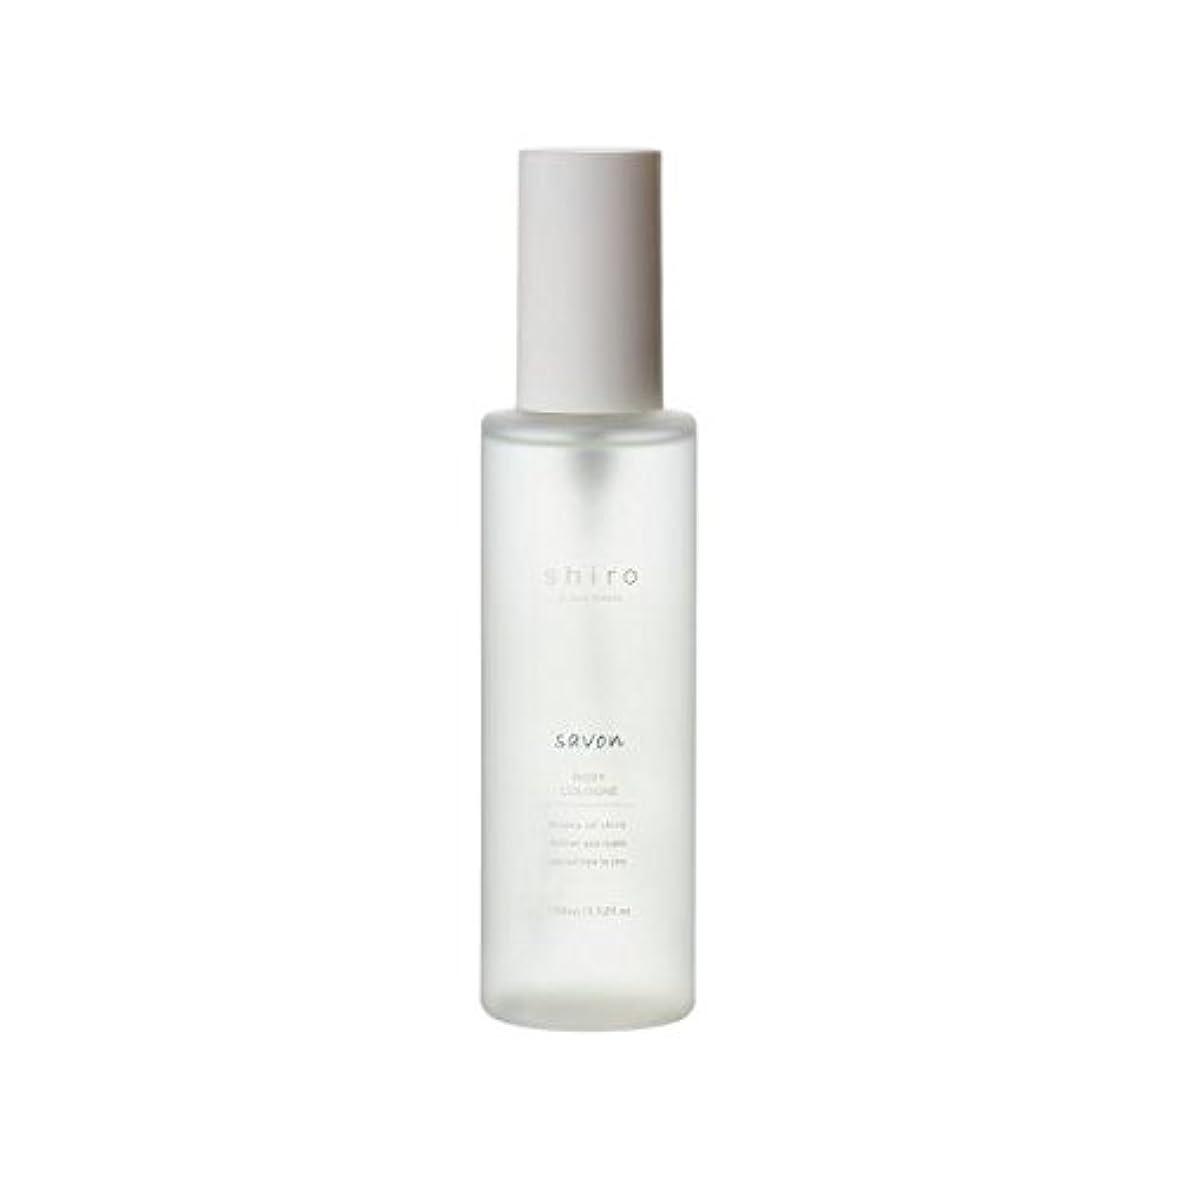 開いた泣き叫ぶ効能shiro サボン ボディコロン 100ml 清潔で透明感のある自然な石けんの香り ミスト シロ